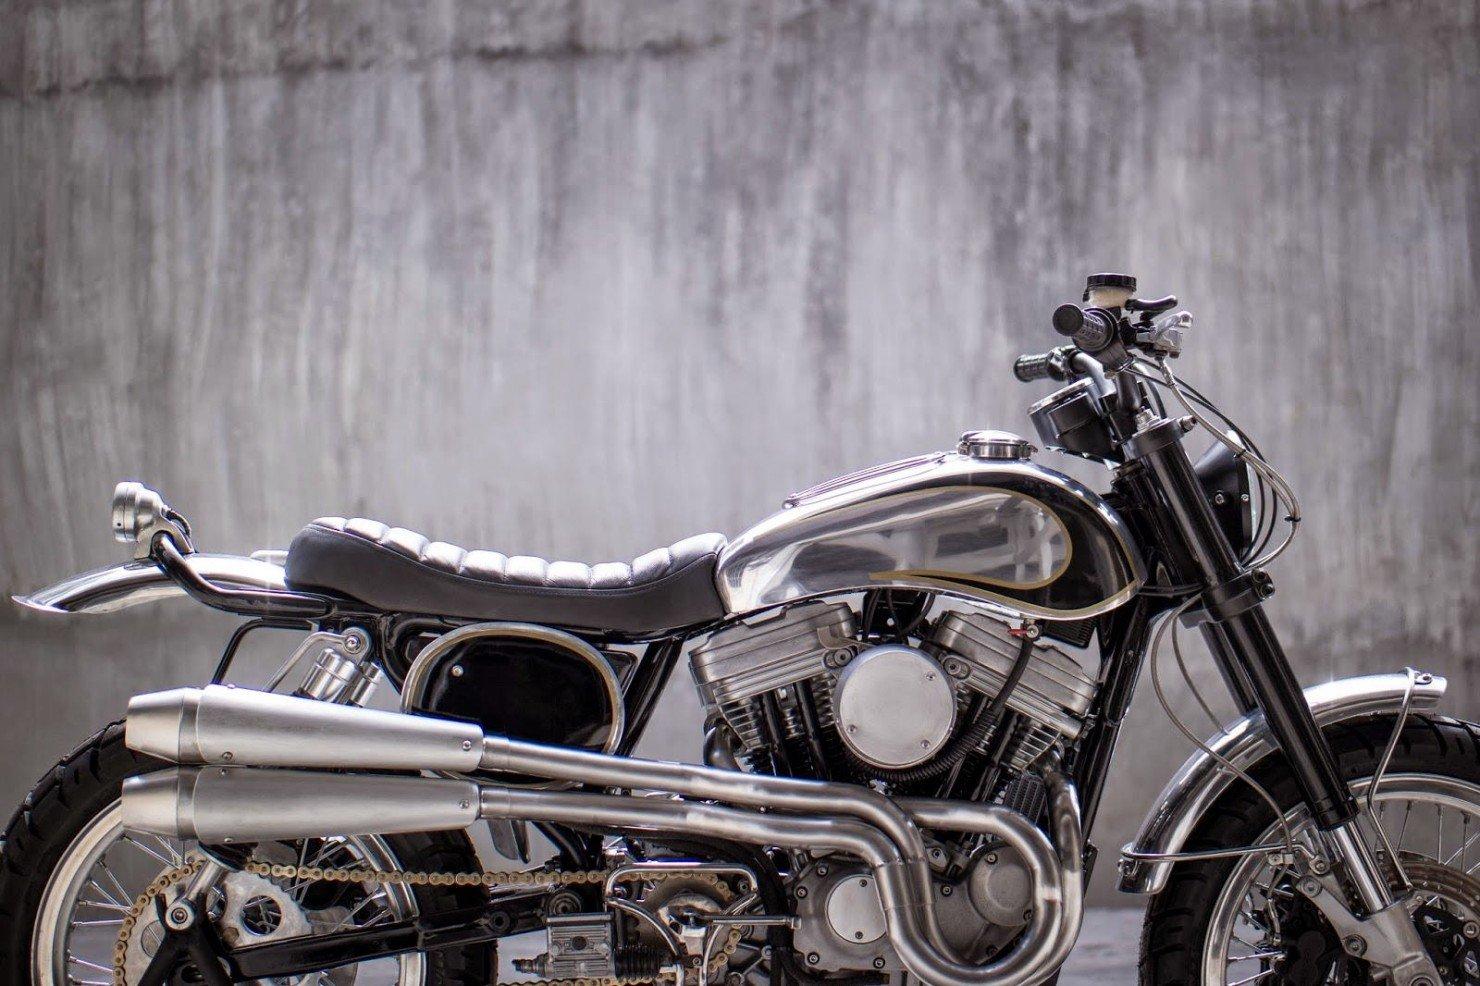 Harley-Davidson-Scrambler-Motorcycle-33